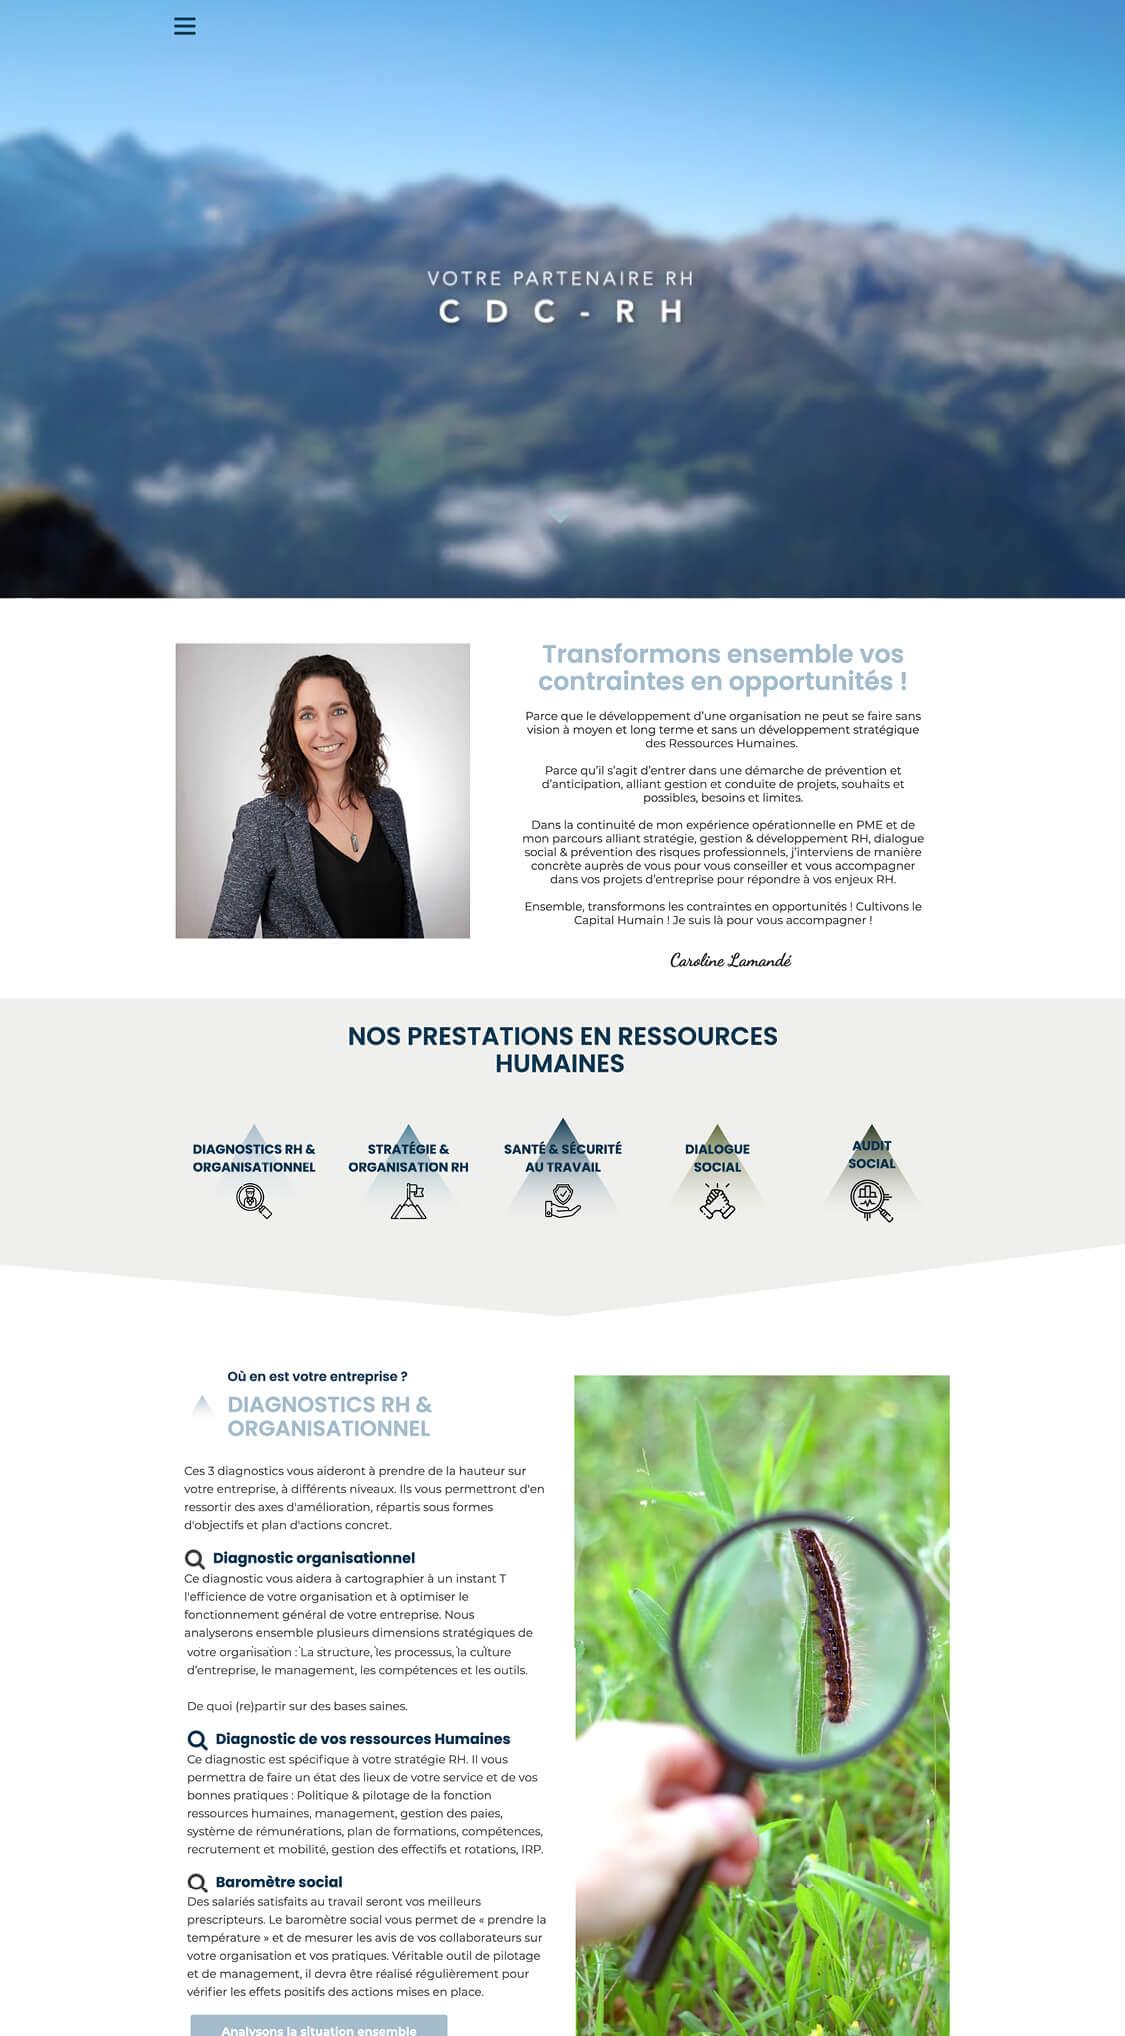 CDC-RH projet one page, site web, seo, stratégie digitale, référencement, structure UX projet Marwee consultant web Cruseilles